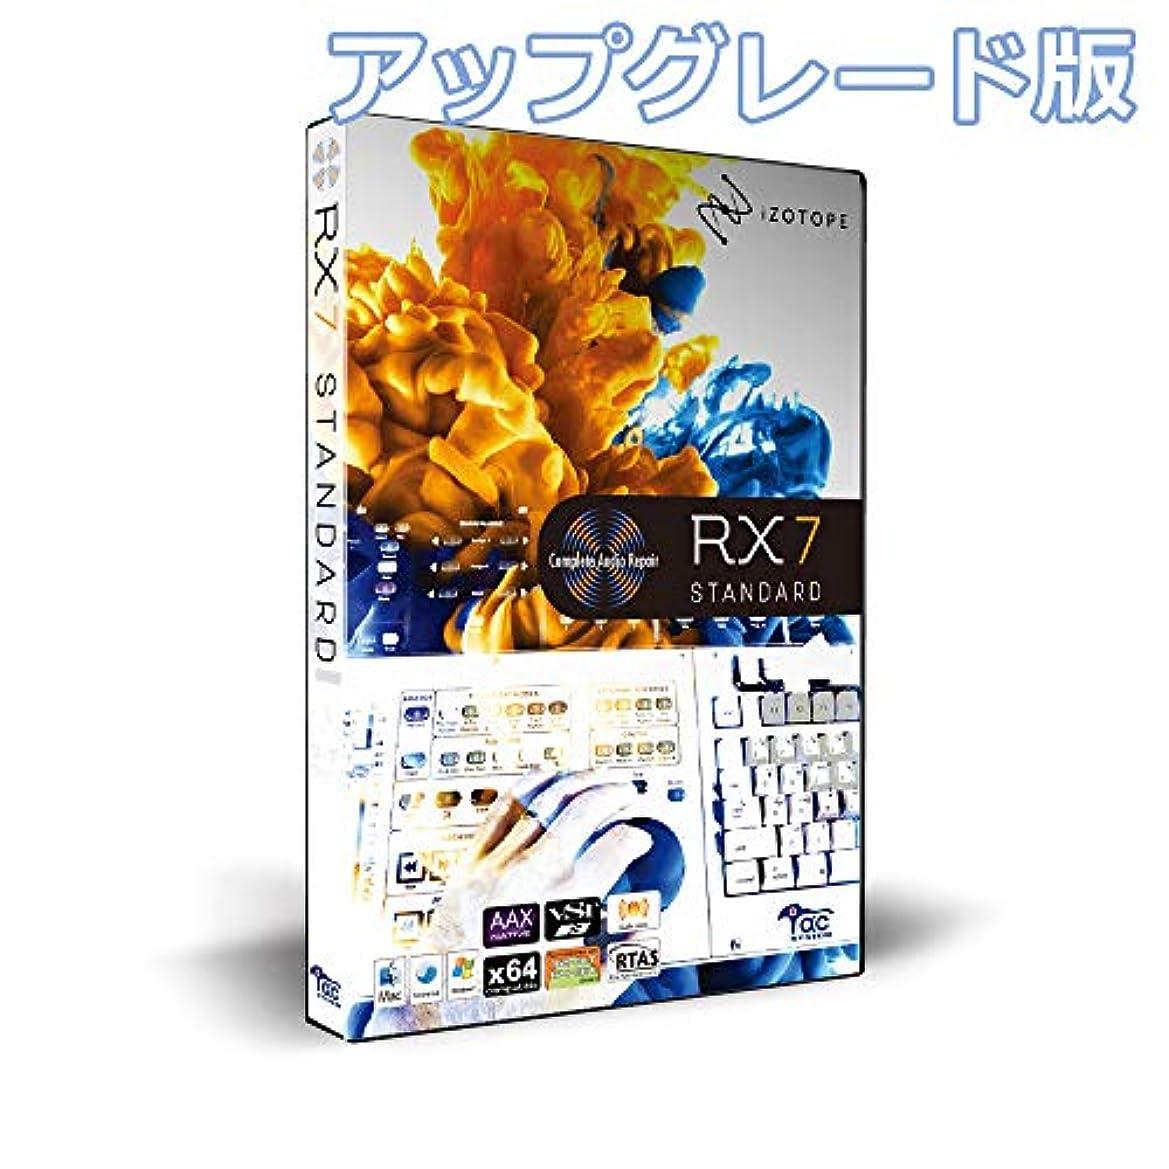 インカ帝国不機嫌読みやすいiZotope RX7 Standard アップグレード版 from [RX Standard or Advanced] オーディオ修復ソフト 【ダウンロード版】 アイゾトープ